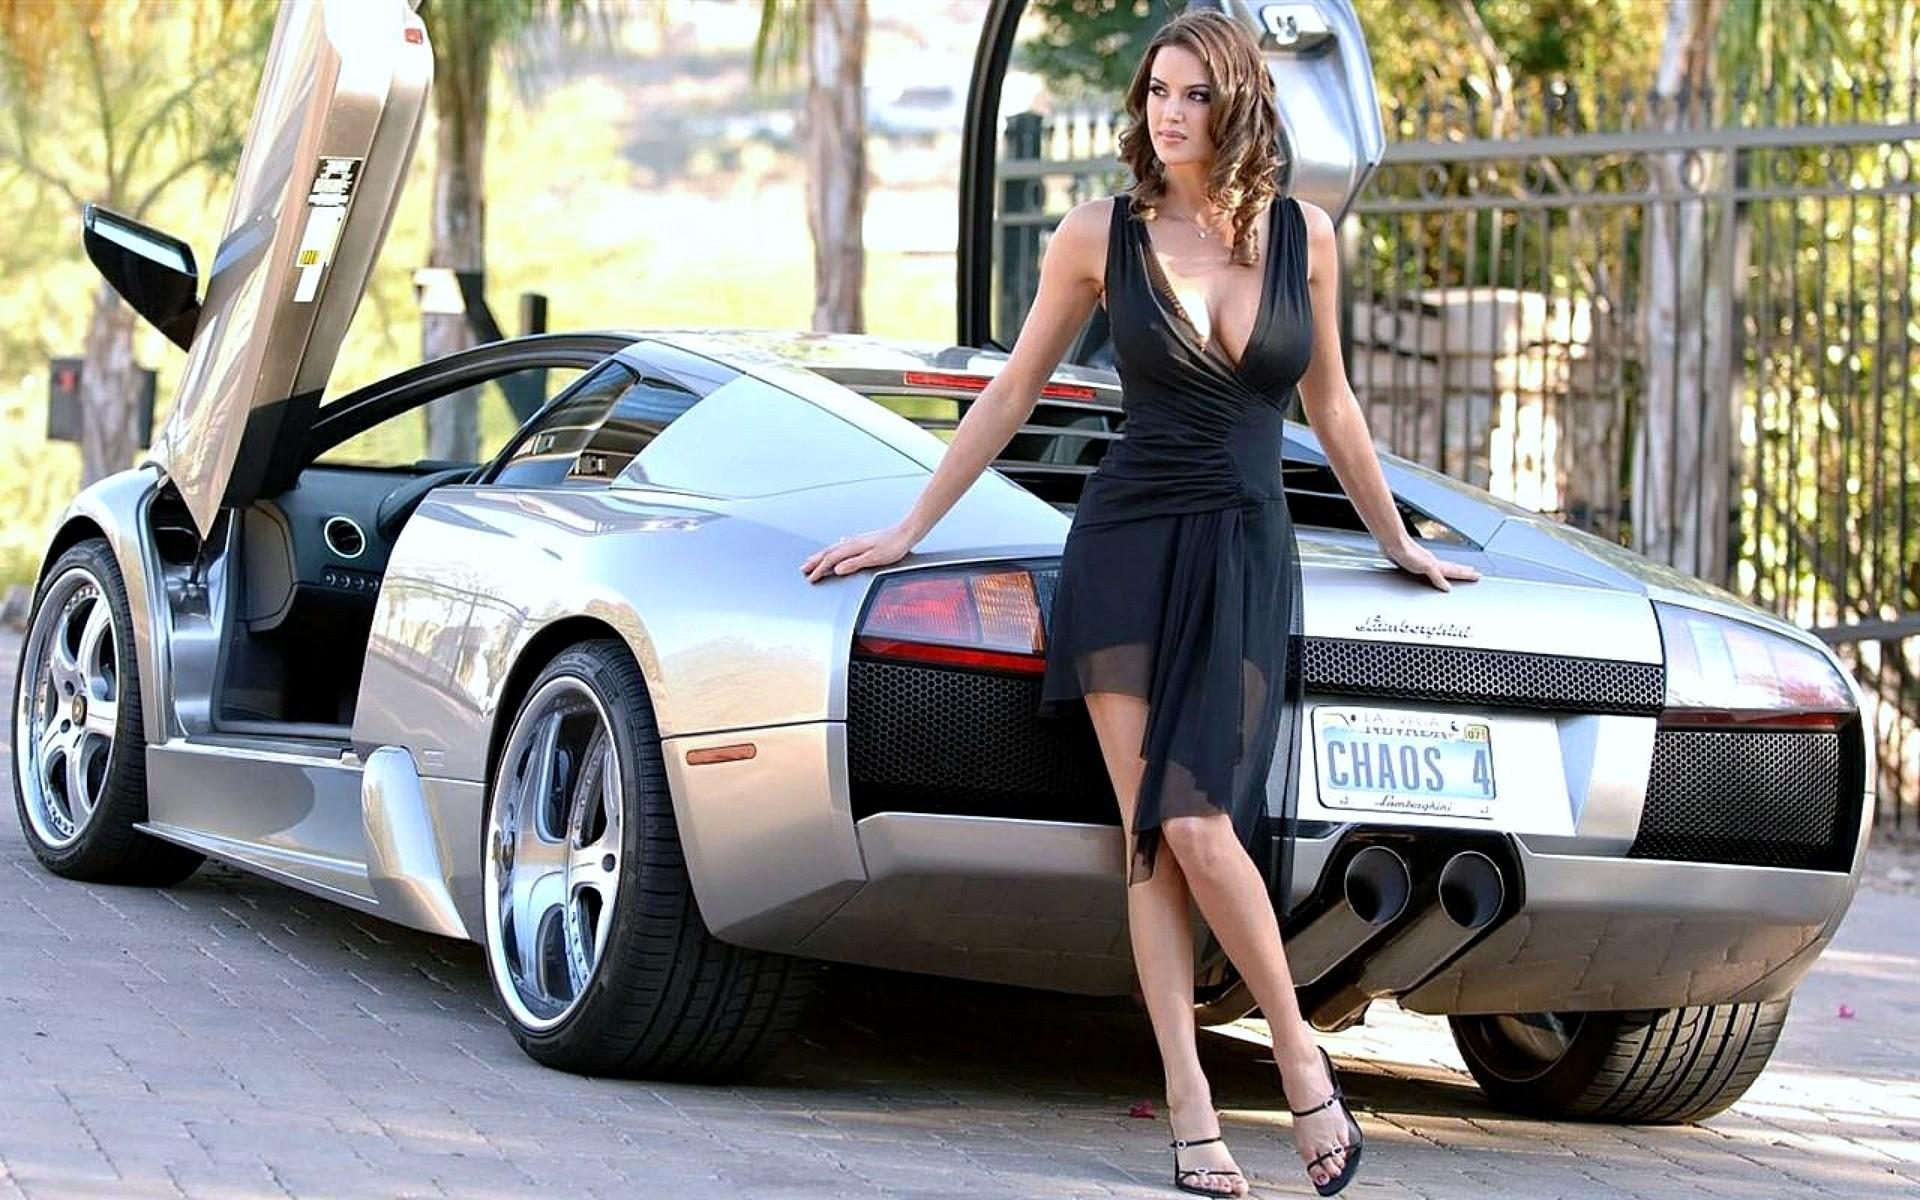 Фото авто девки, Сексуальные девушки и автомобили 23 фотография